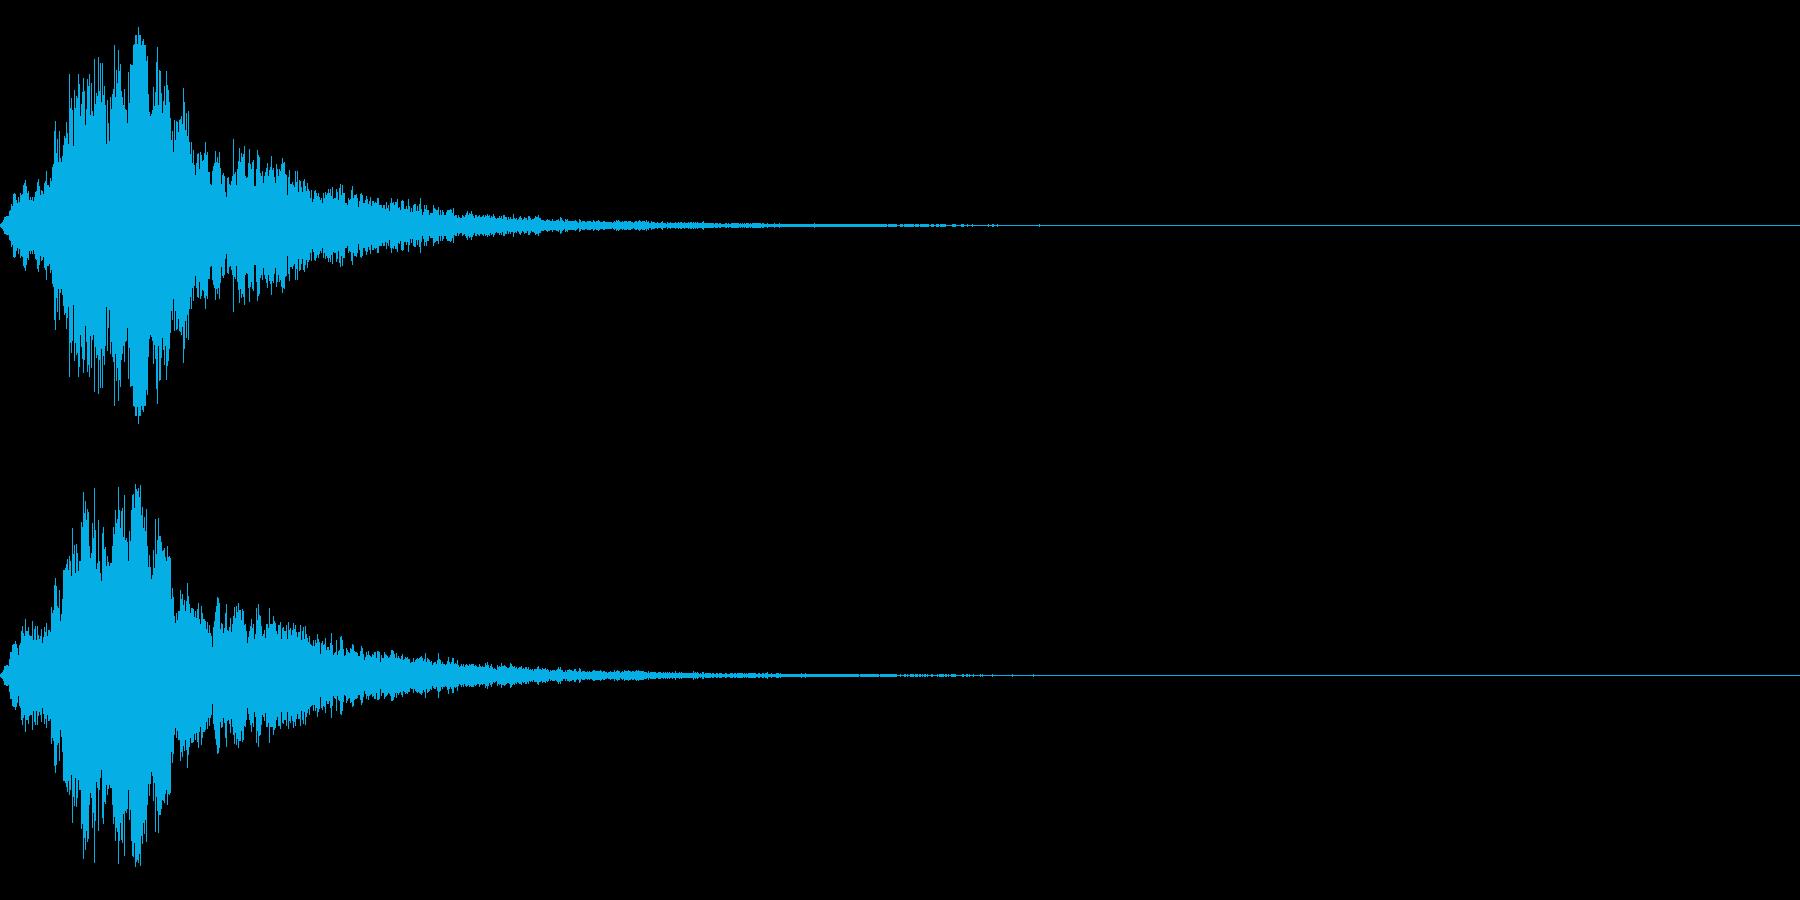 シャキーン キラーン☆強烈な輝きに!6bの再生済みの波形